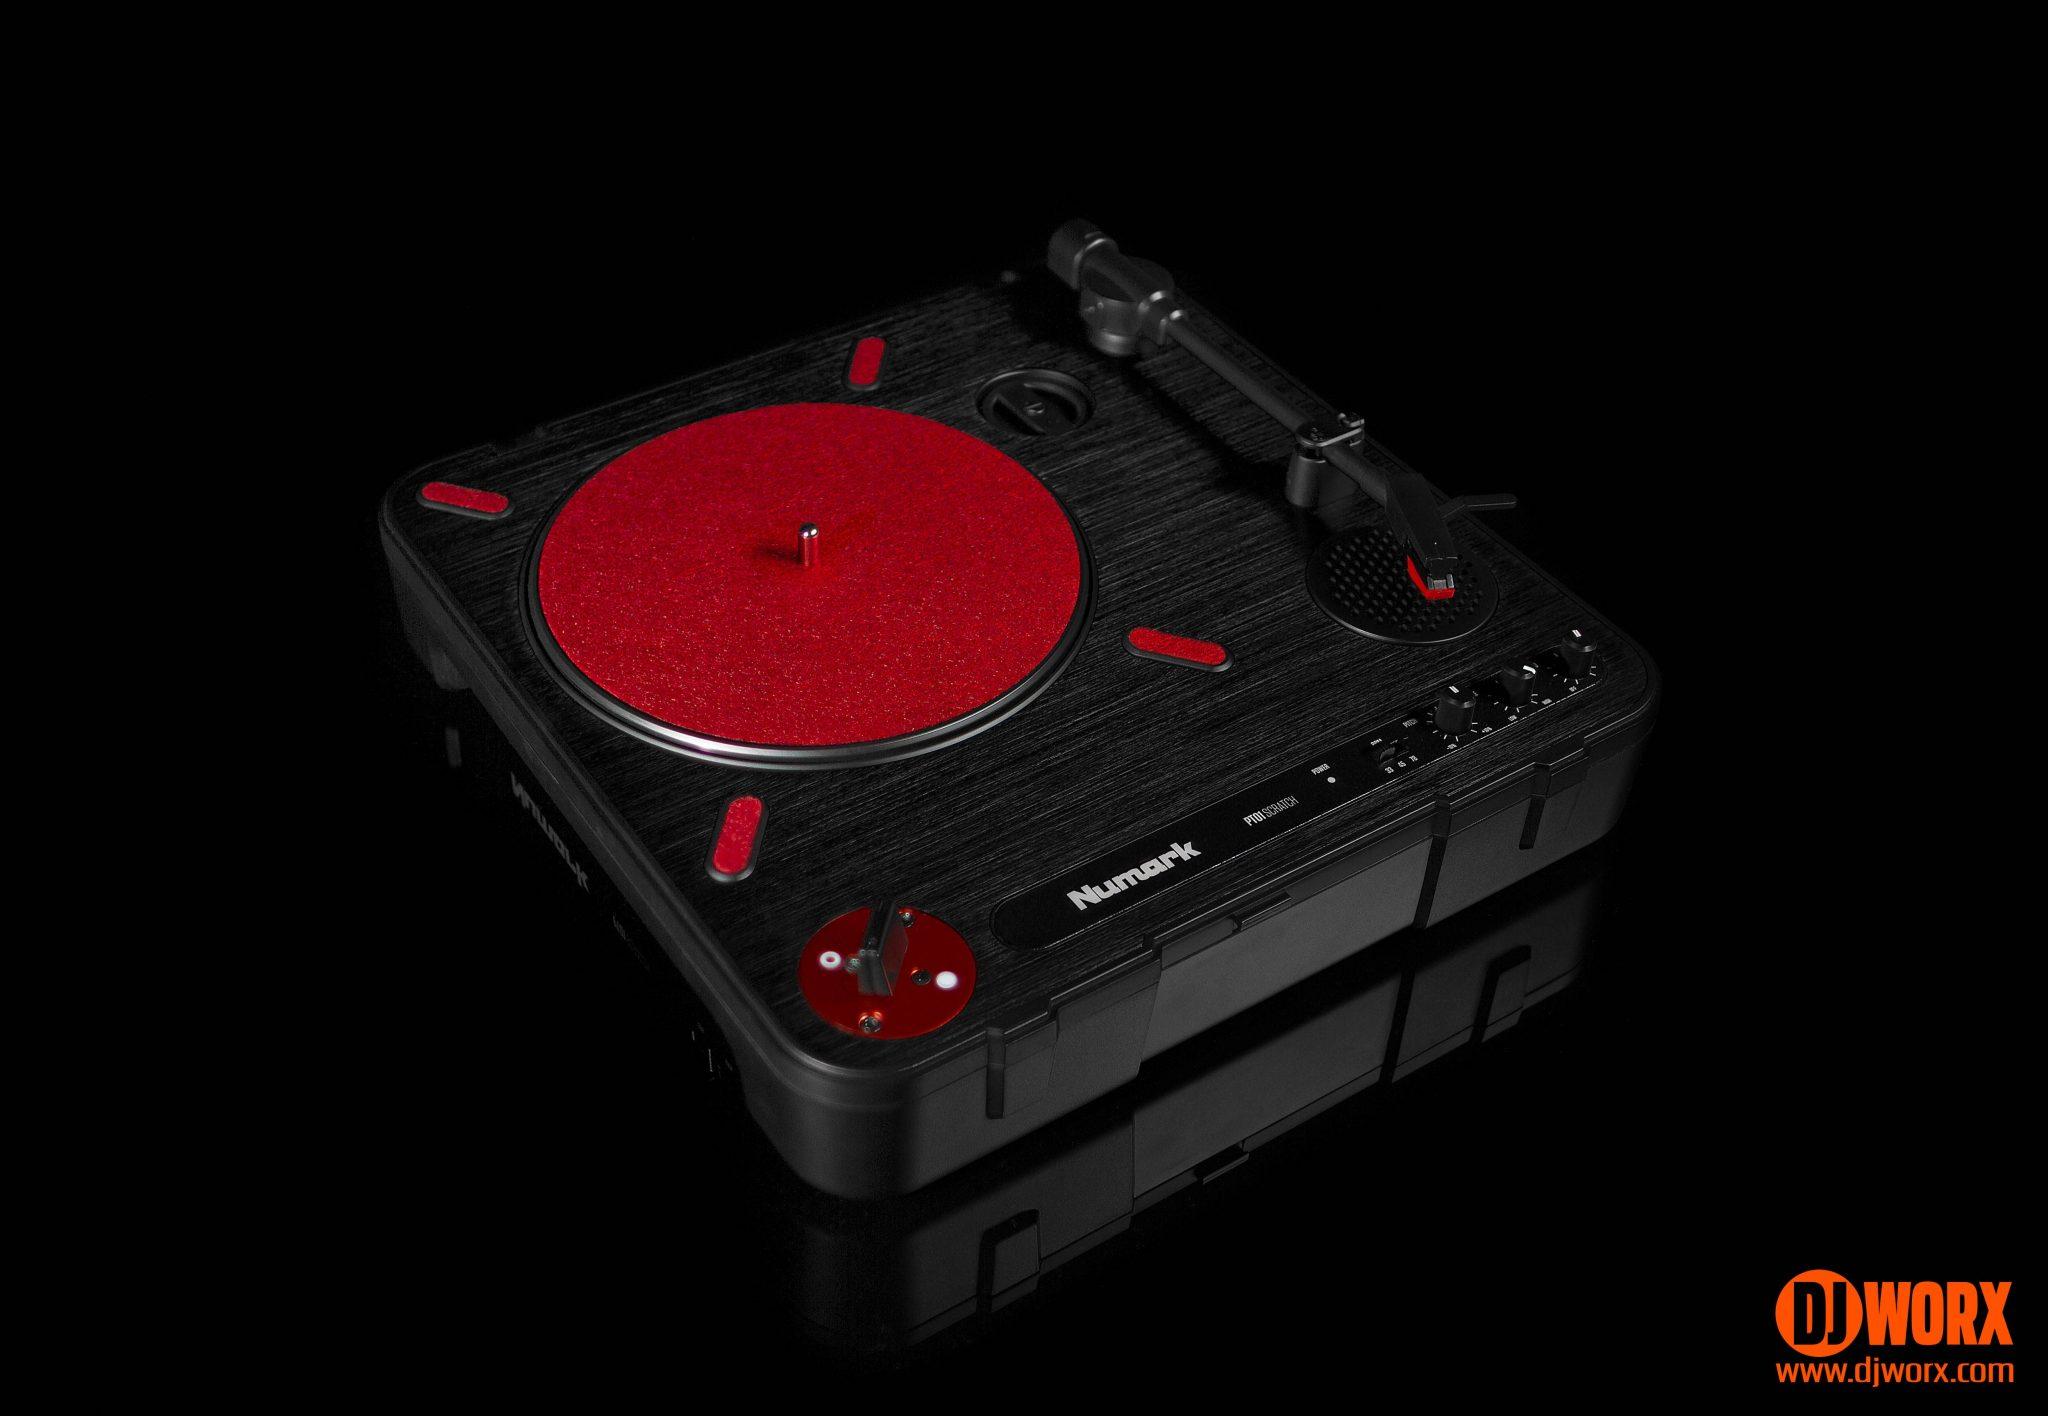 review numark pt01 scratch portable turntable djworx. Black Bedroom Furniture Sets. Home Design Ideas